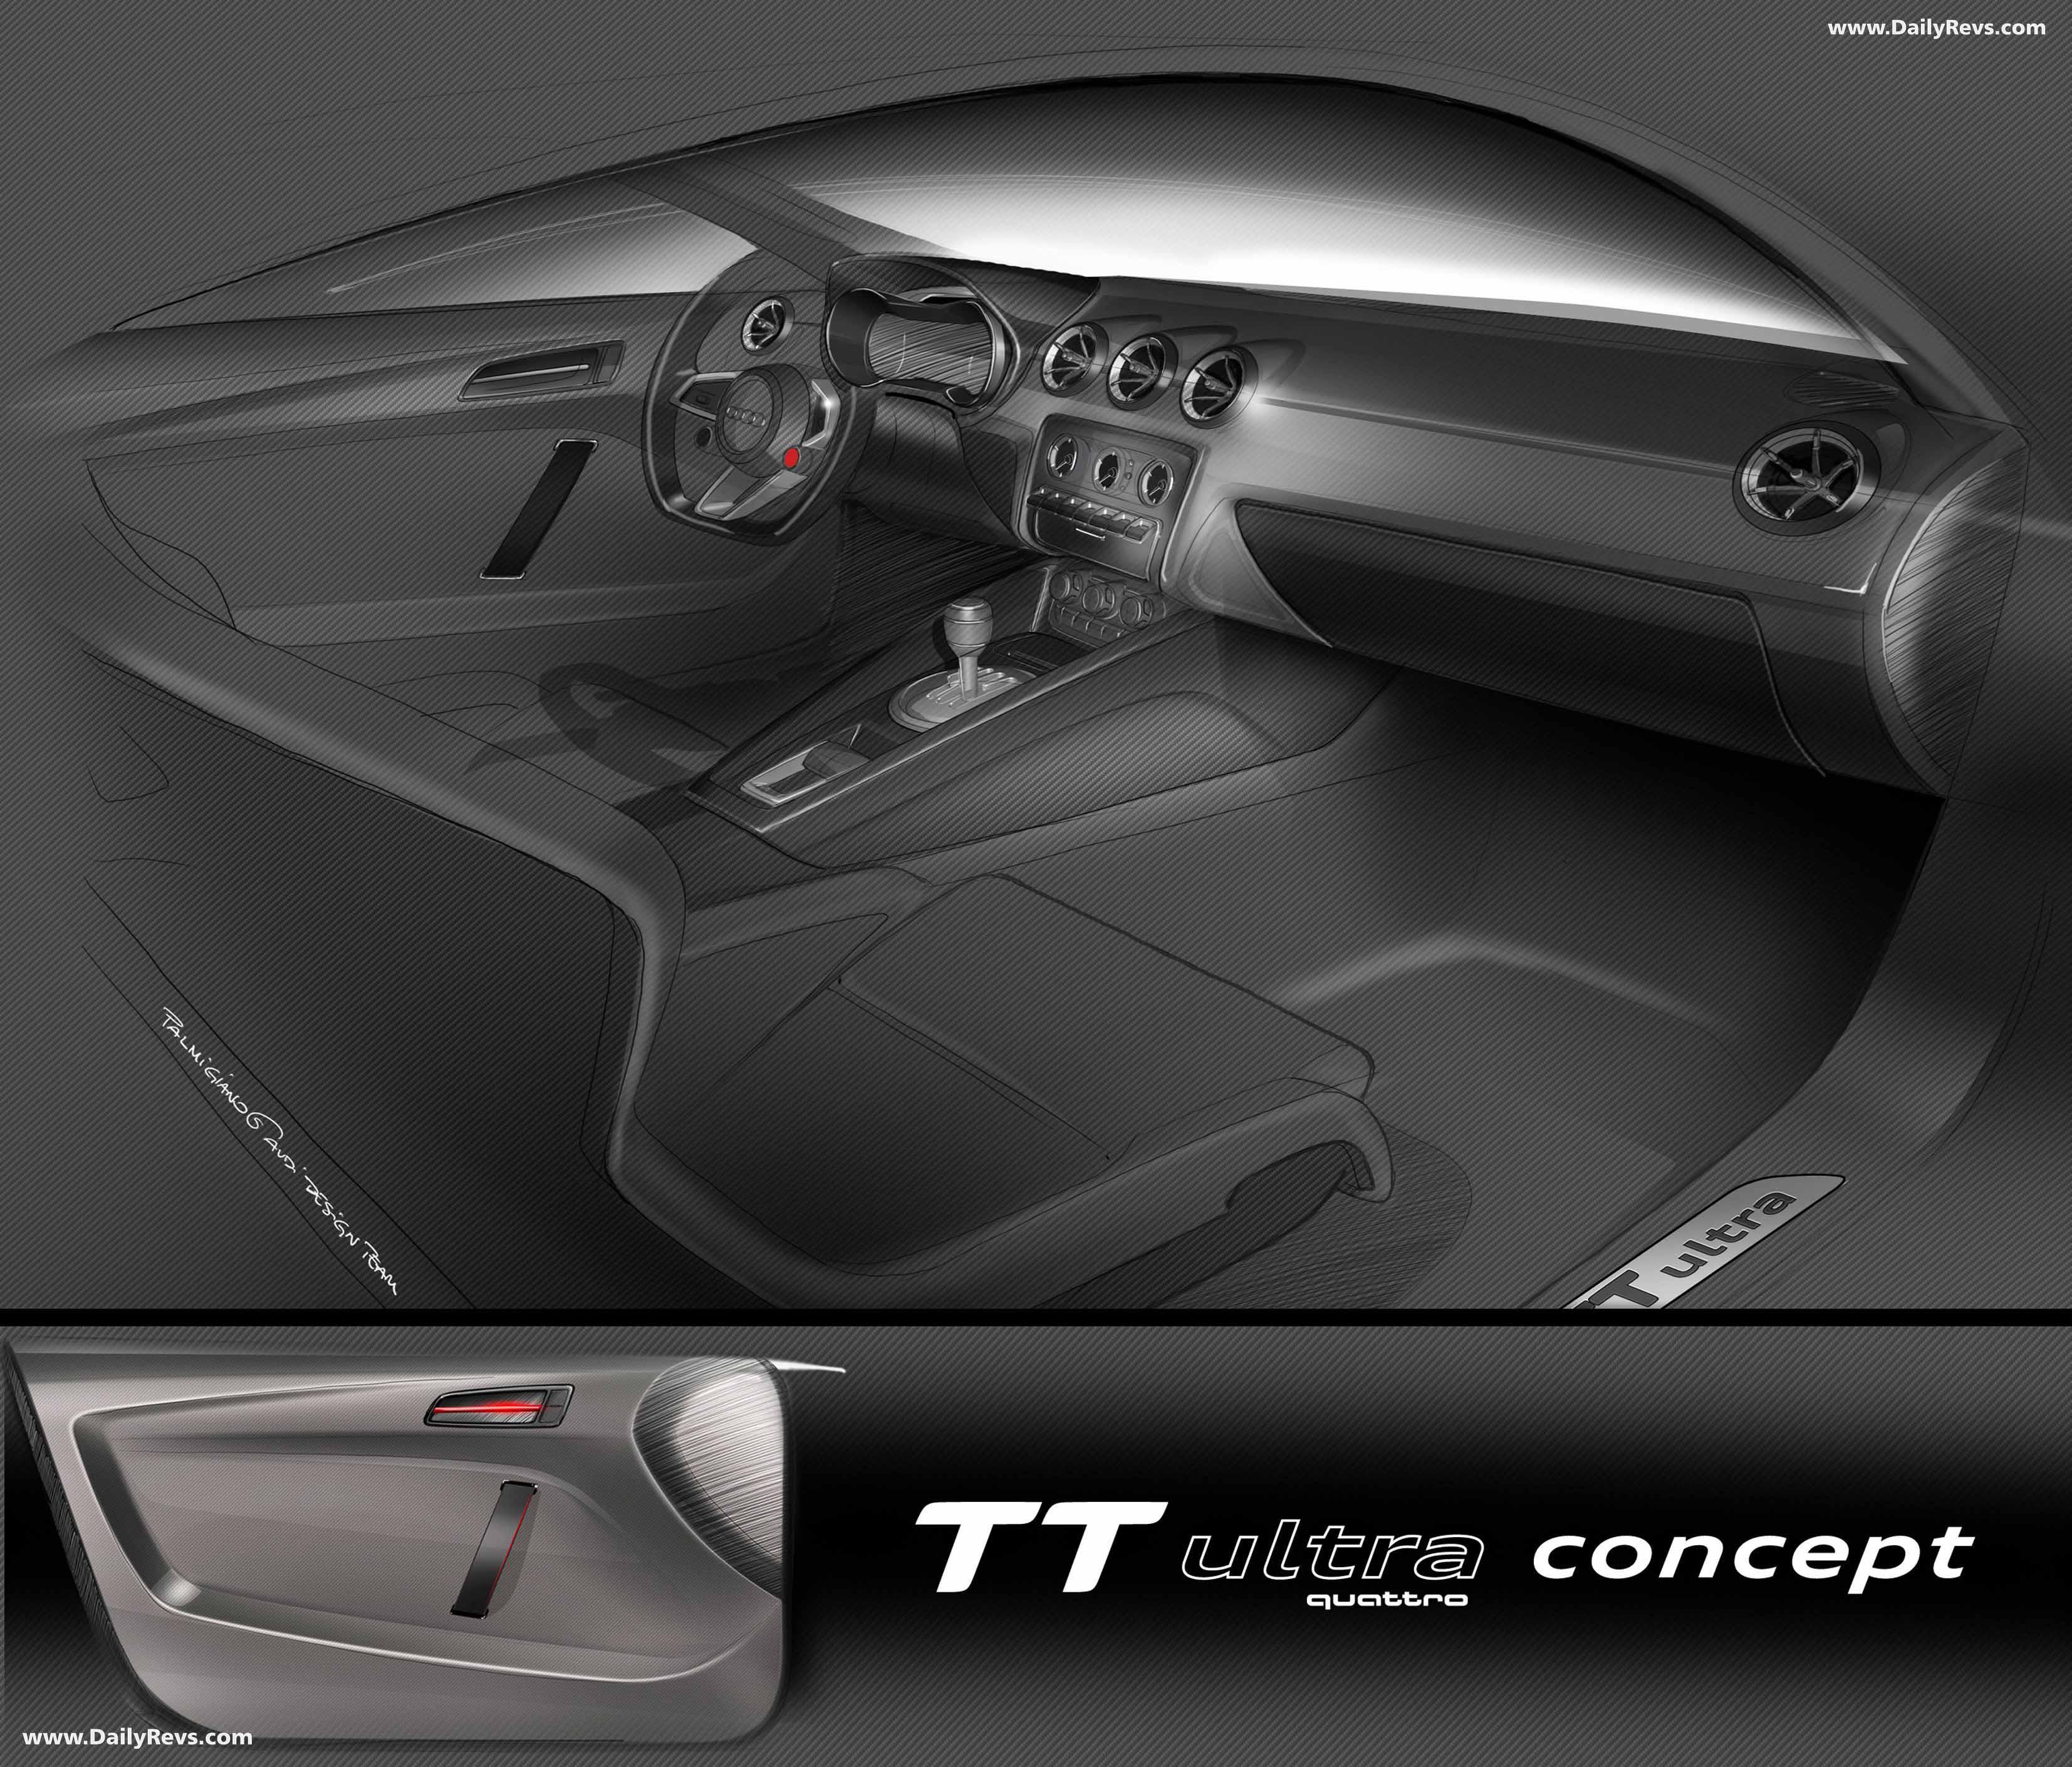 2013 Audi Sport Quattro Concept First Look: 2013 Audi TT Ultra Quattro Concept